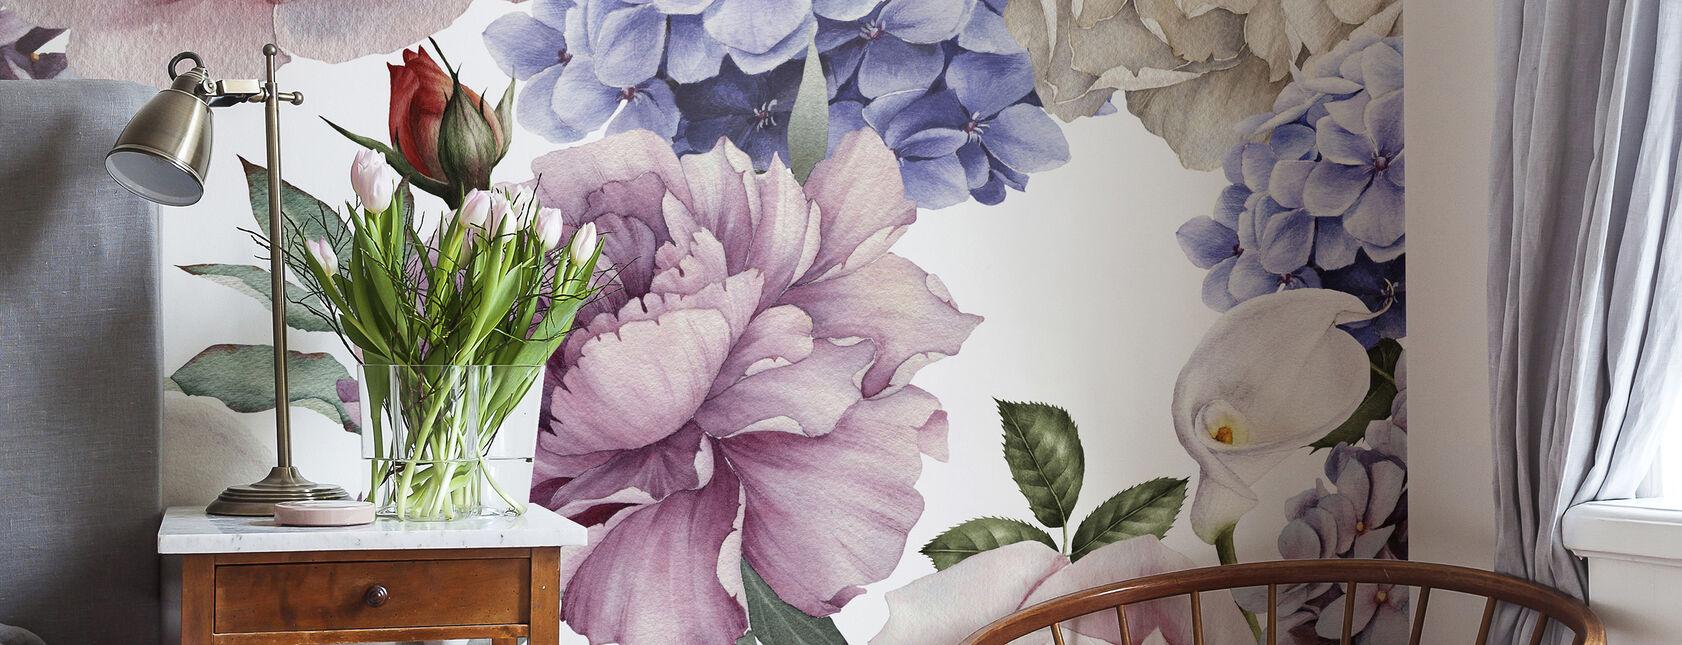 Rośliny i kwiaty